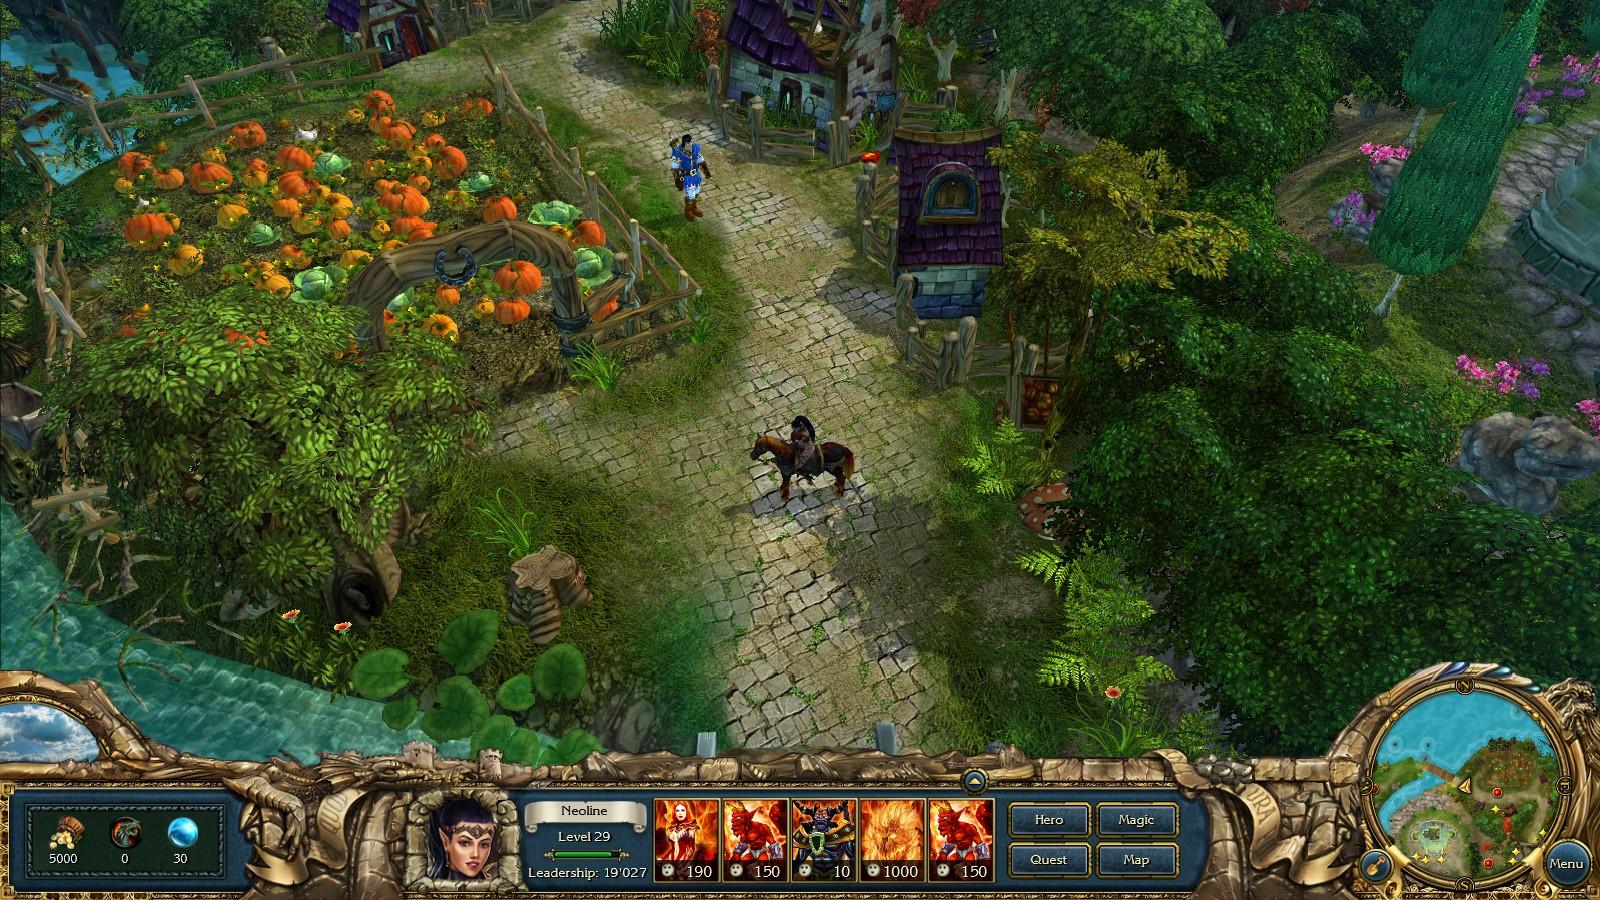 Kings Bounty: Dark Side (Steam CD Key Region Free)